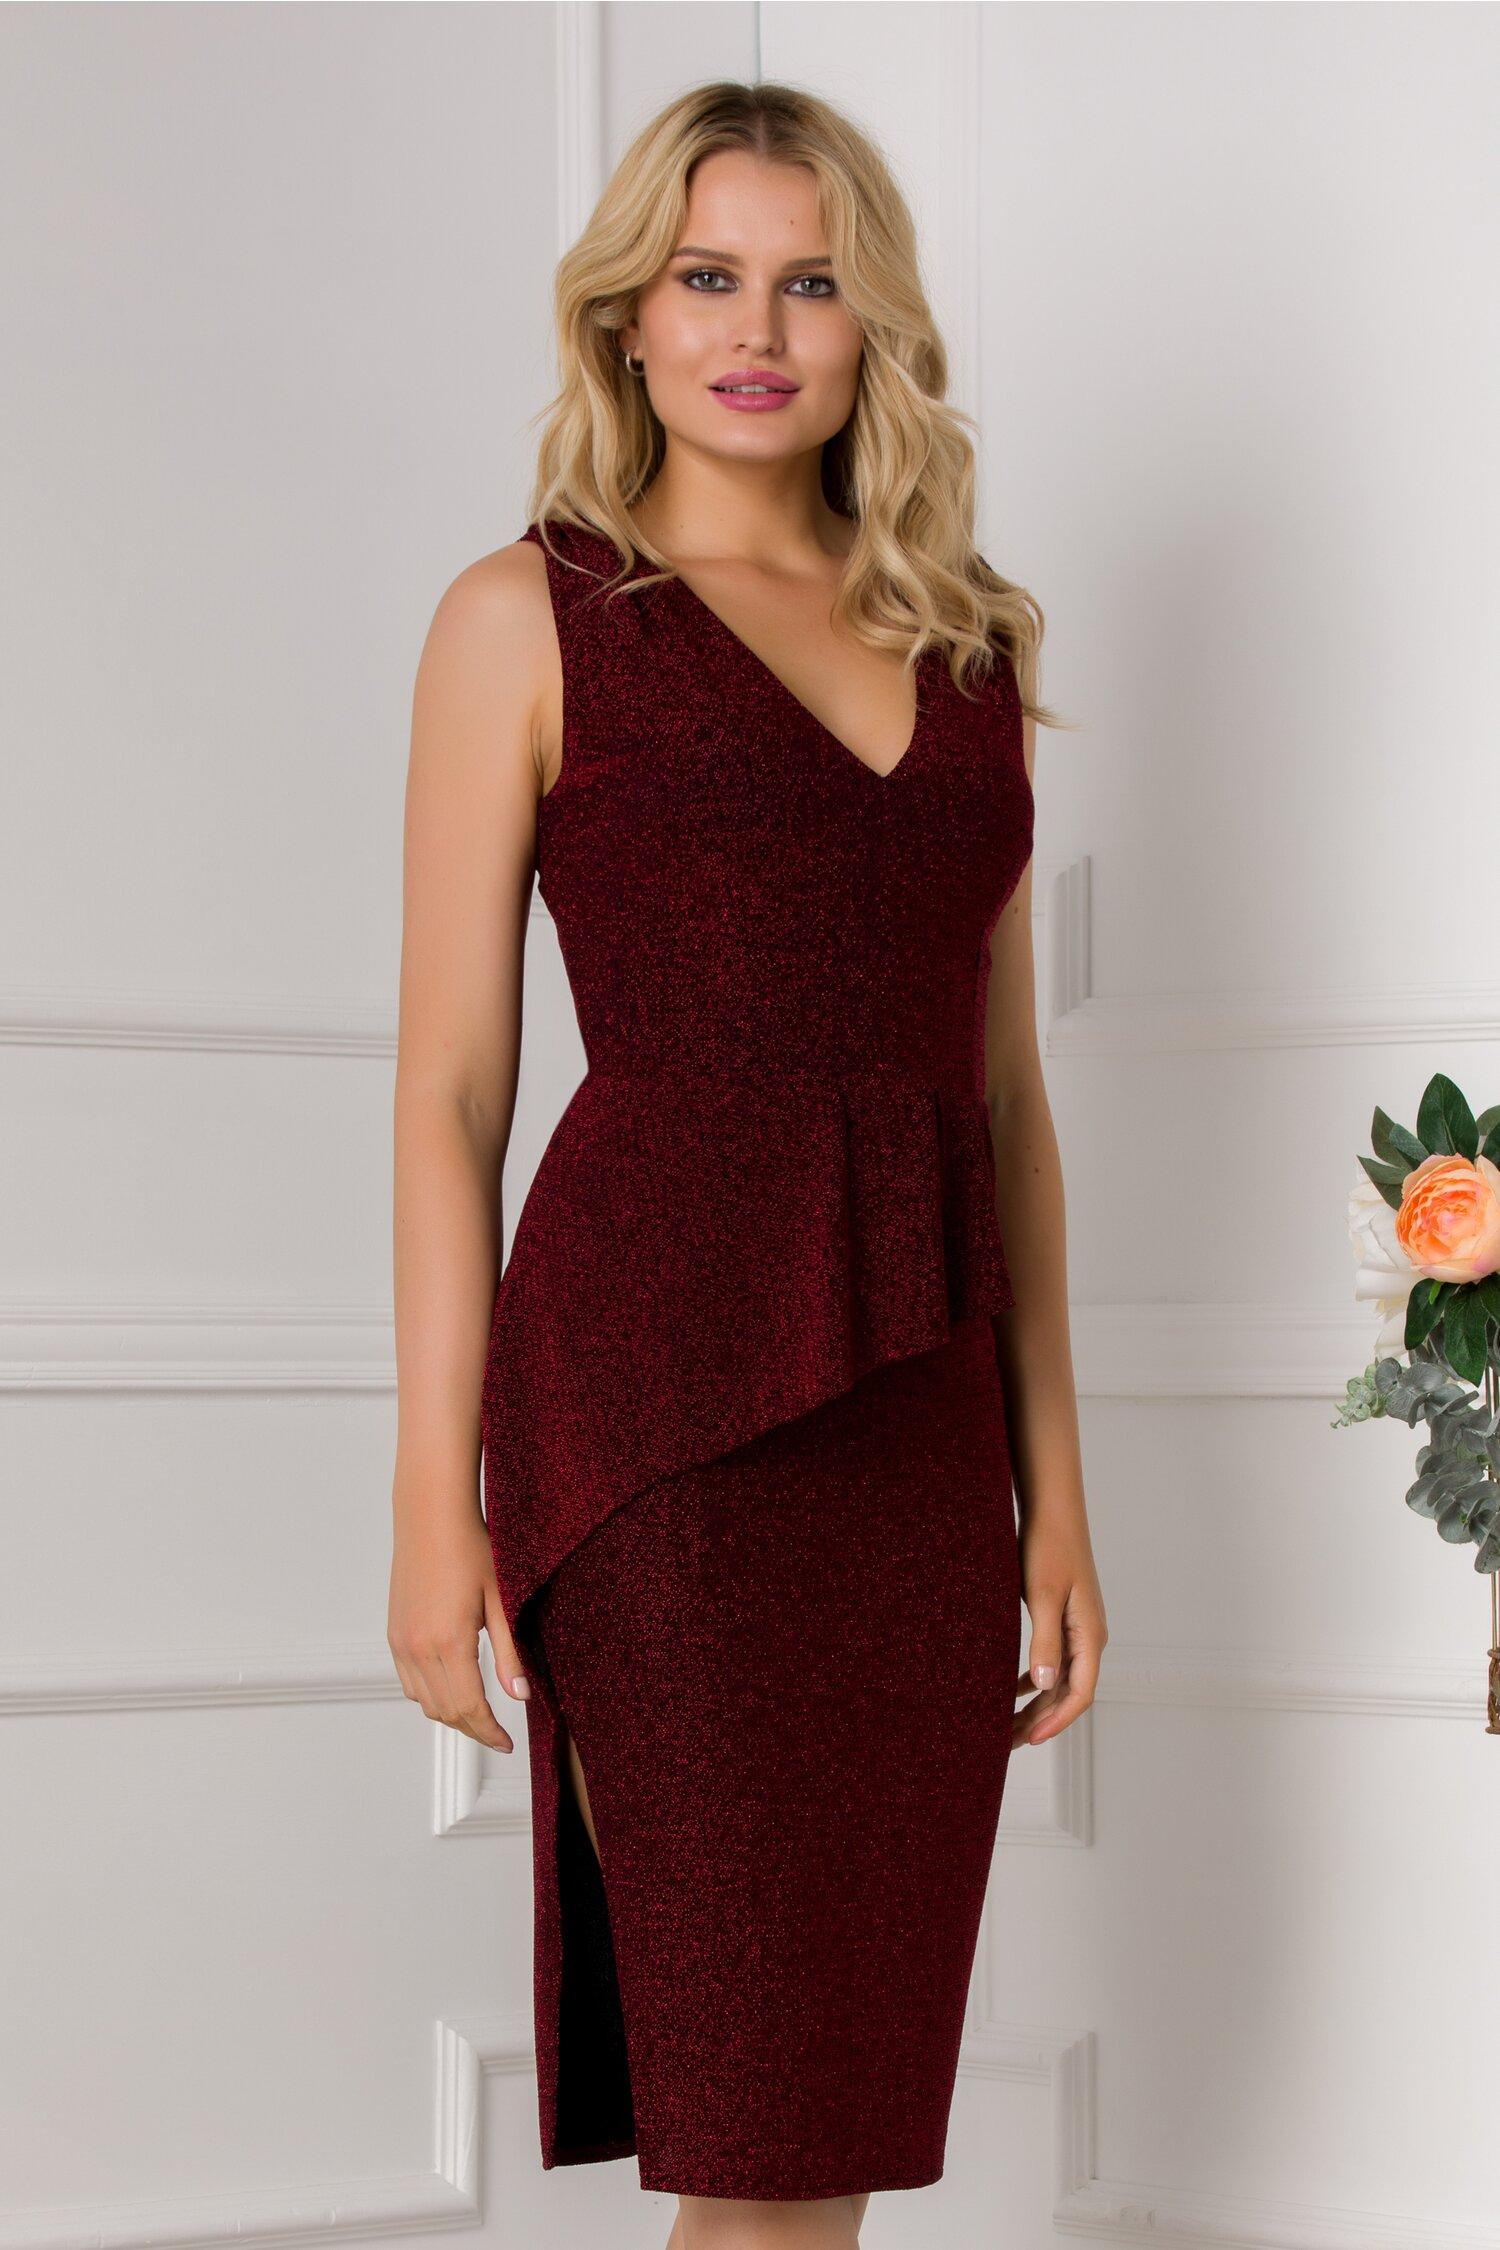 rochie moze neagra cu fir lurex rosu si peplum in talie 535119 4